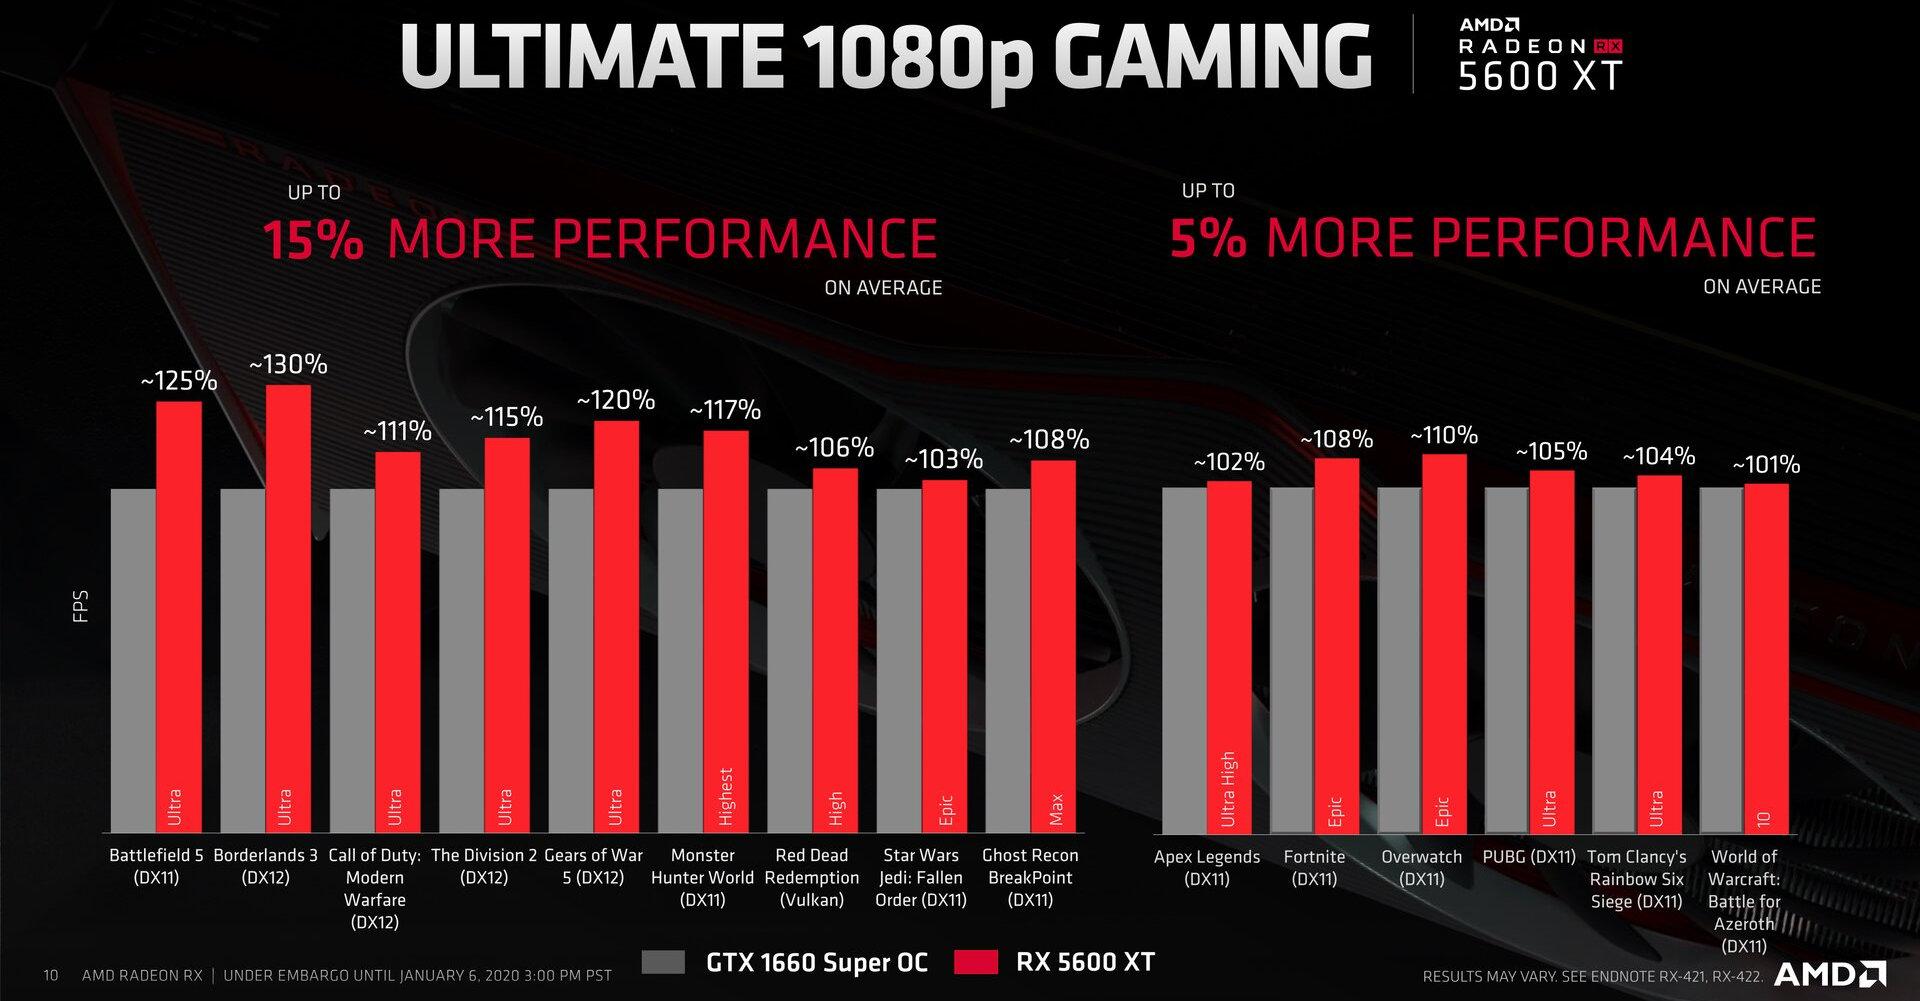 AMD-Radeon-RX-5600-XT-2.jpg